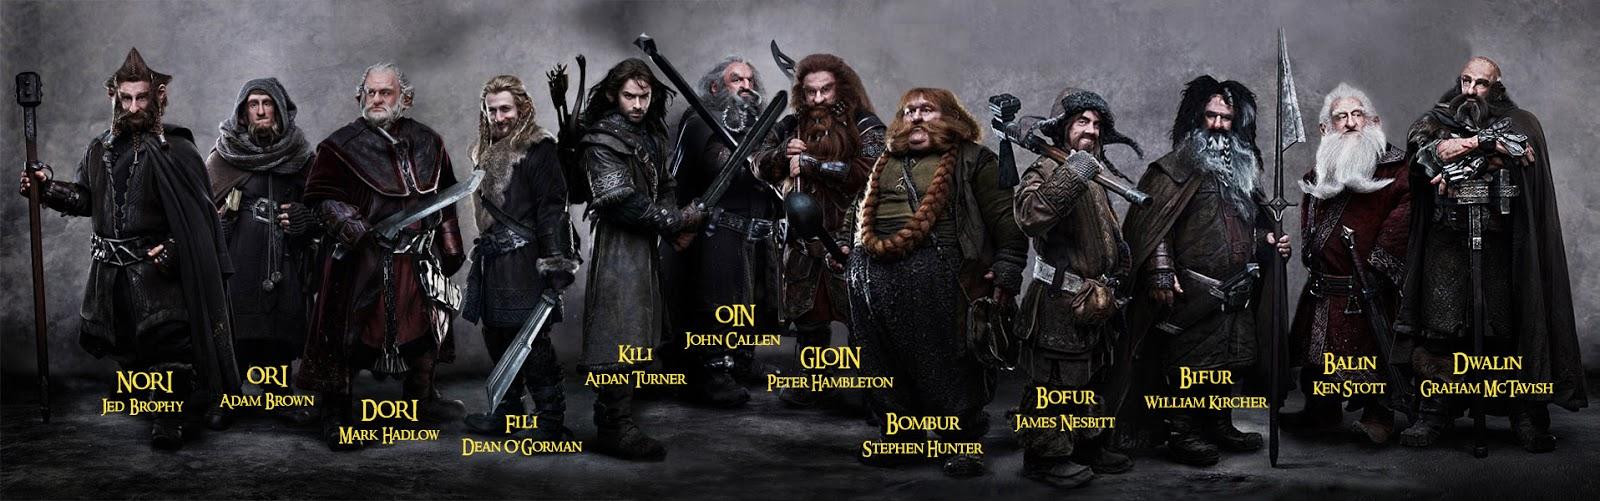 THe Hobbit 01